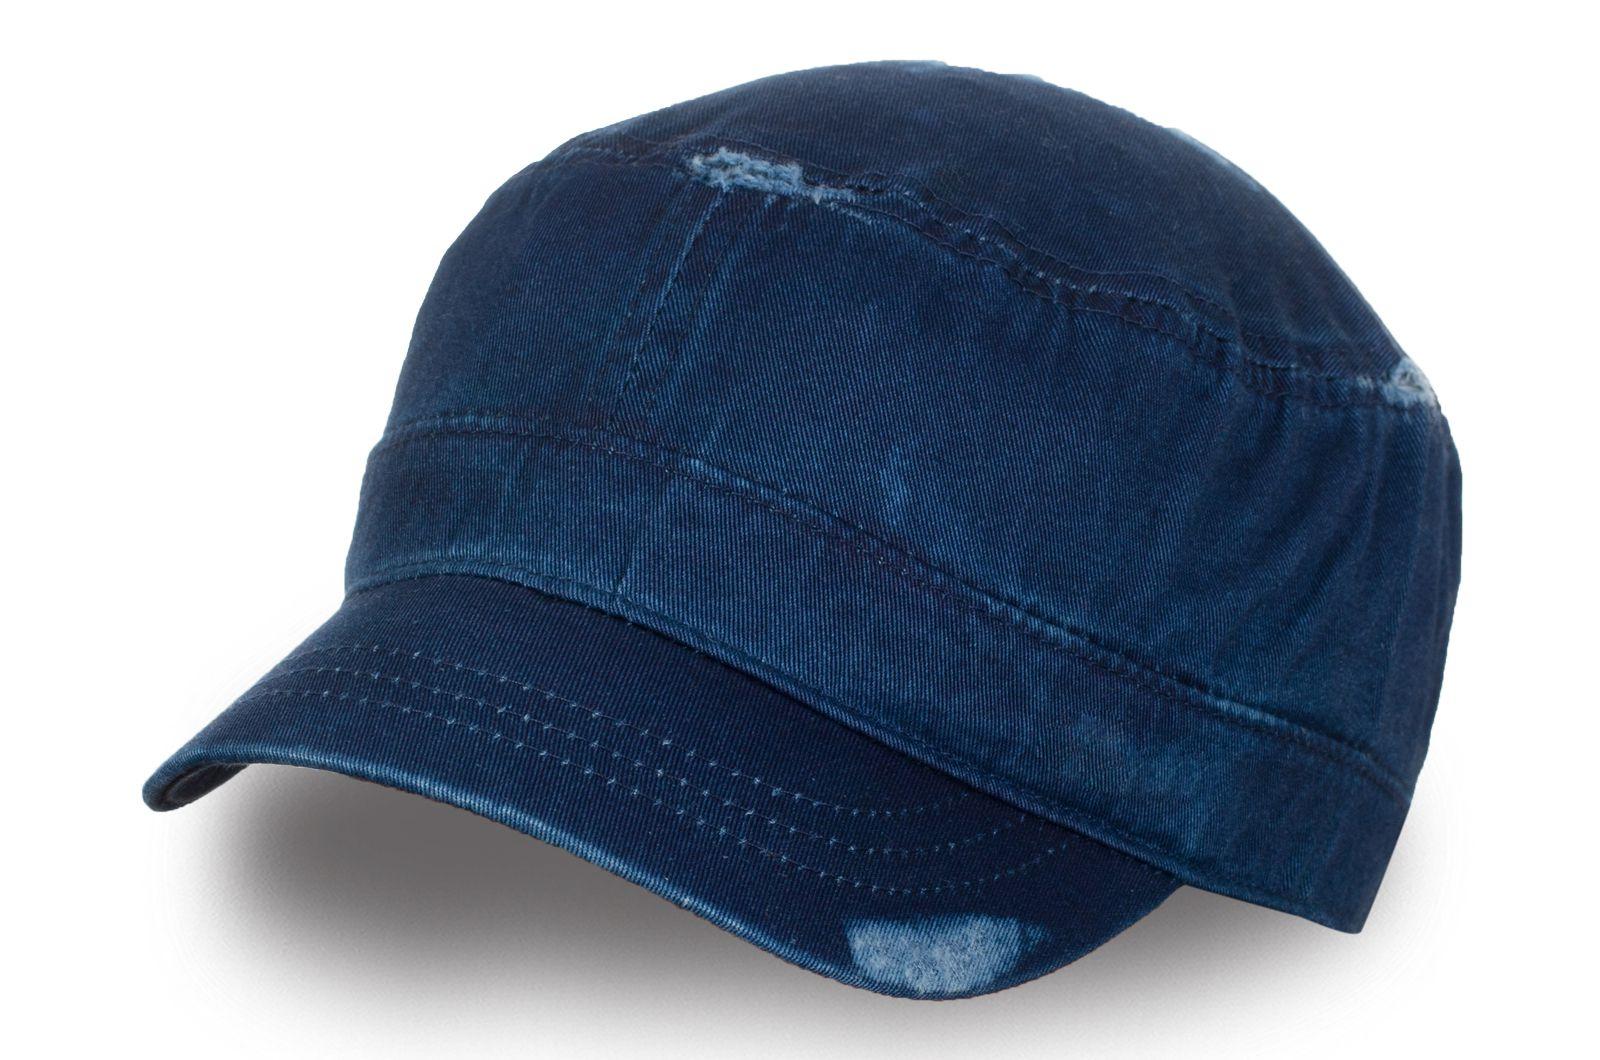 Кепка немка джинсовая - купить с доставкой